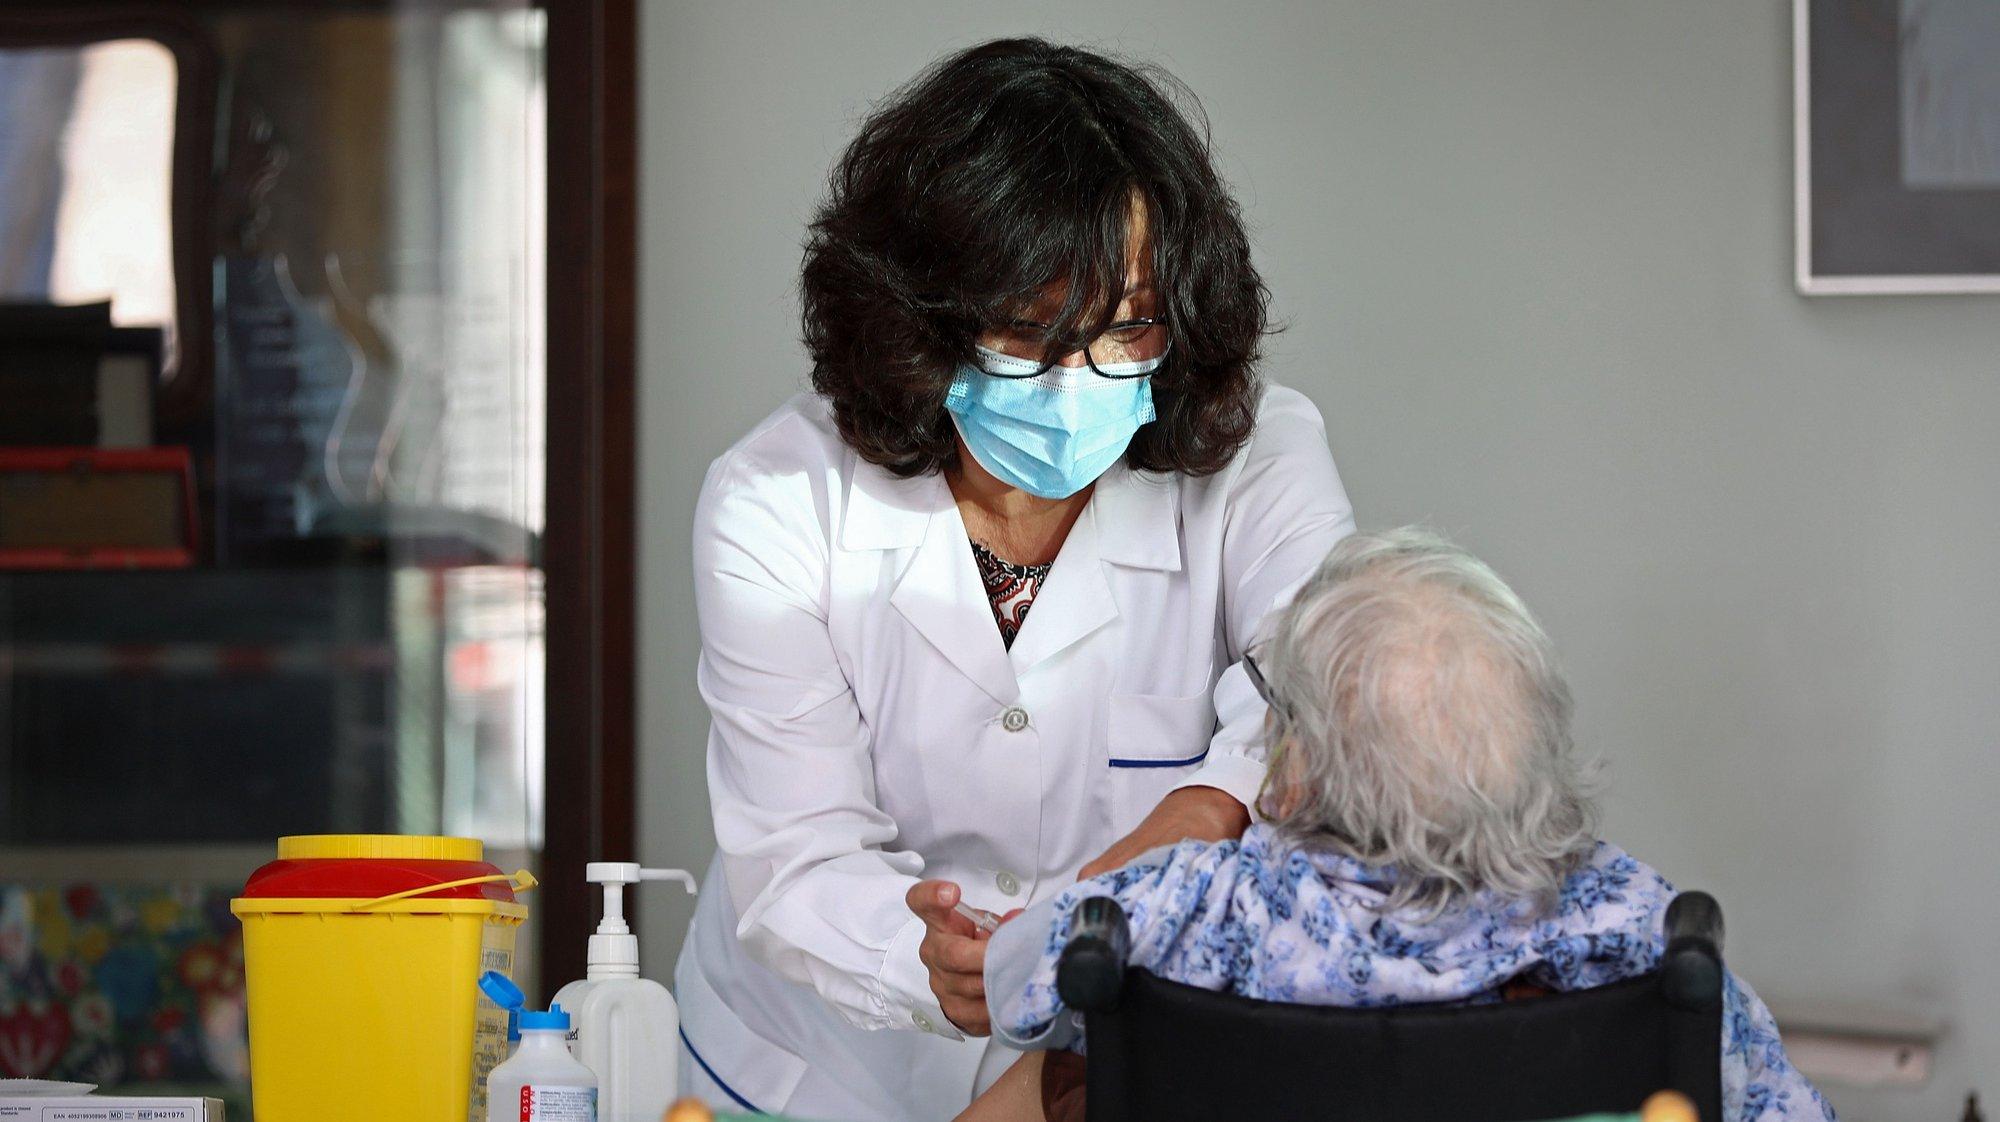 """Uma utente do Lar da Casa do Artista é vacinada contra a gripe, durante uma visita da ministra da Saúde, Marta temido (ausente na foto), em que enfermeiros do Agrupamento de Centros de Saúde (ACES) Lisboa Norte vão vacinar idosos e profissionais, para assinalar o início da época vacinal contra a gripe sazonal 2020, em Lisboa, 28 de setembro de 2020. Hoje tem início a 1ª fase de vacinação gratuita contra a gripe sazonal, a qual  inclui """"residentes, utentes e profissionais de estabelecimentos de respostas sociais, doentes e profissionais da rede de cuidados continuados integrados, profissionais do SNS e grávidas"""". ANTÓNIO PEDRO SANTOS/LUSA"""